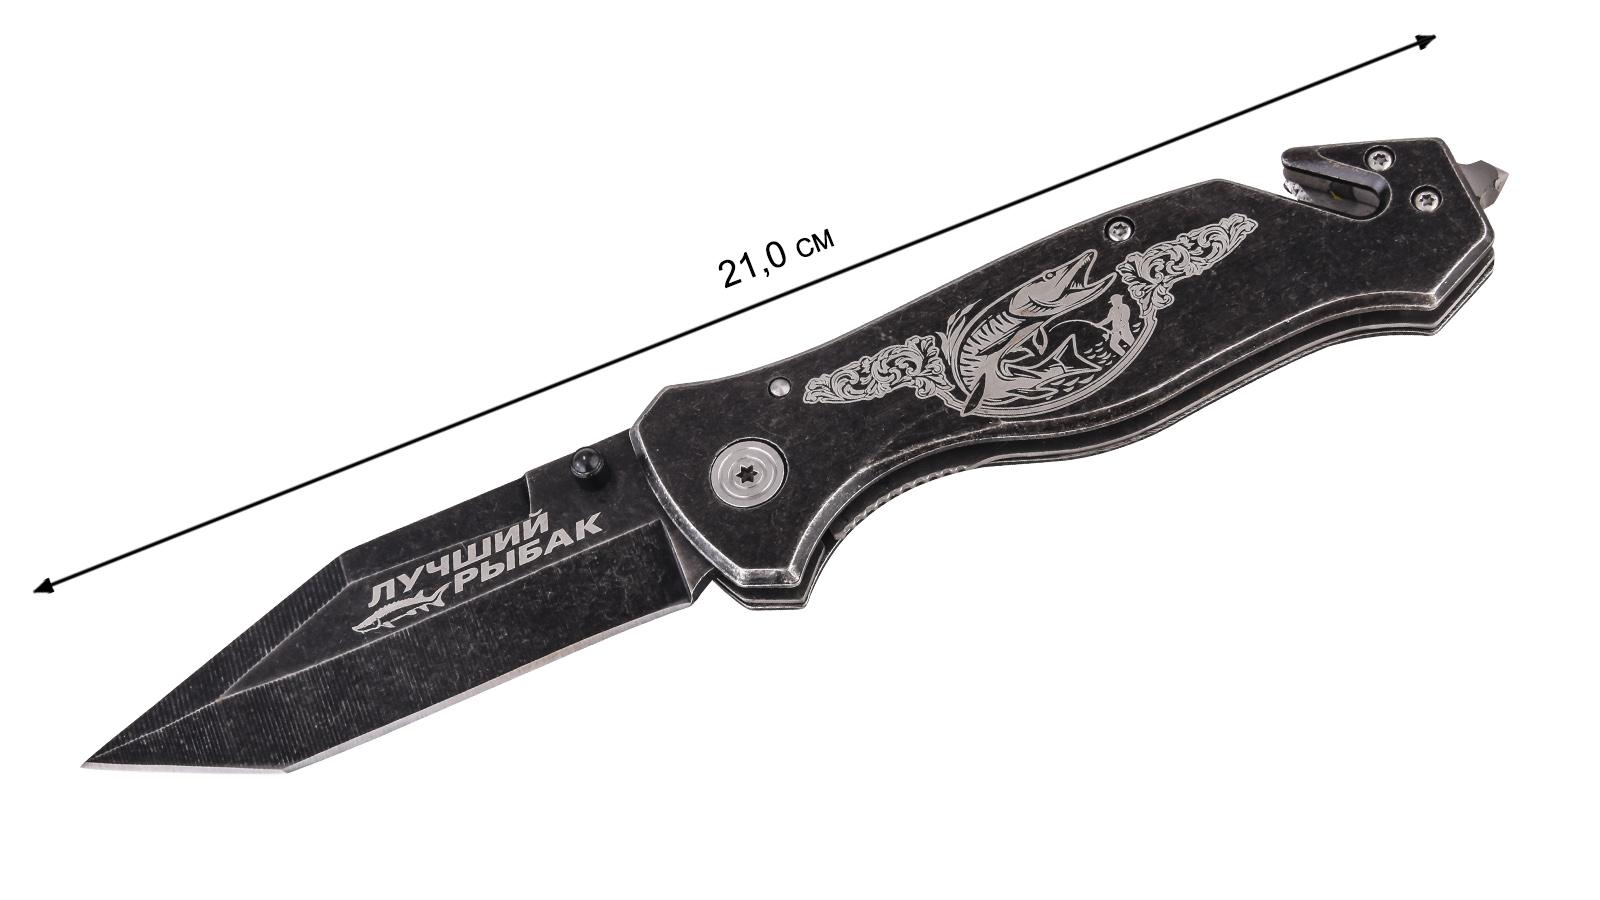 """Рыбацкий нож с гравировкой """"Лучший рыбак"""" - длина"""